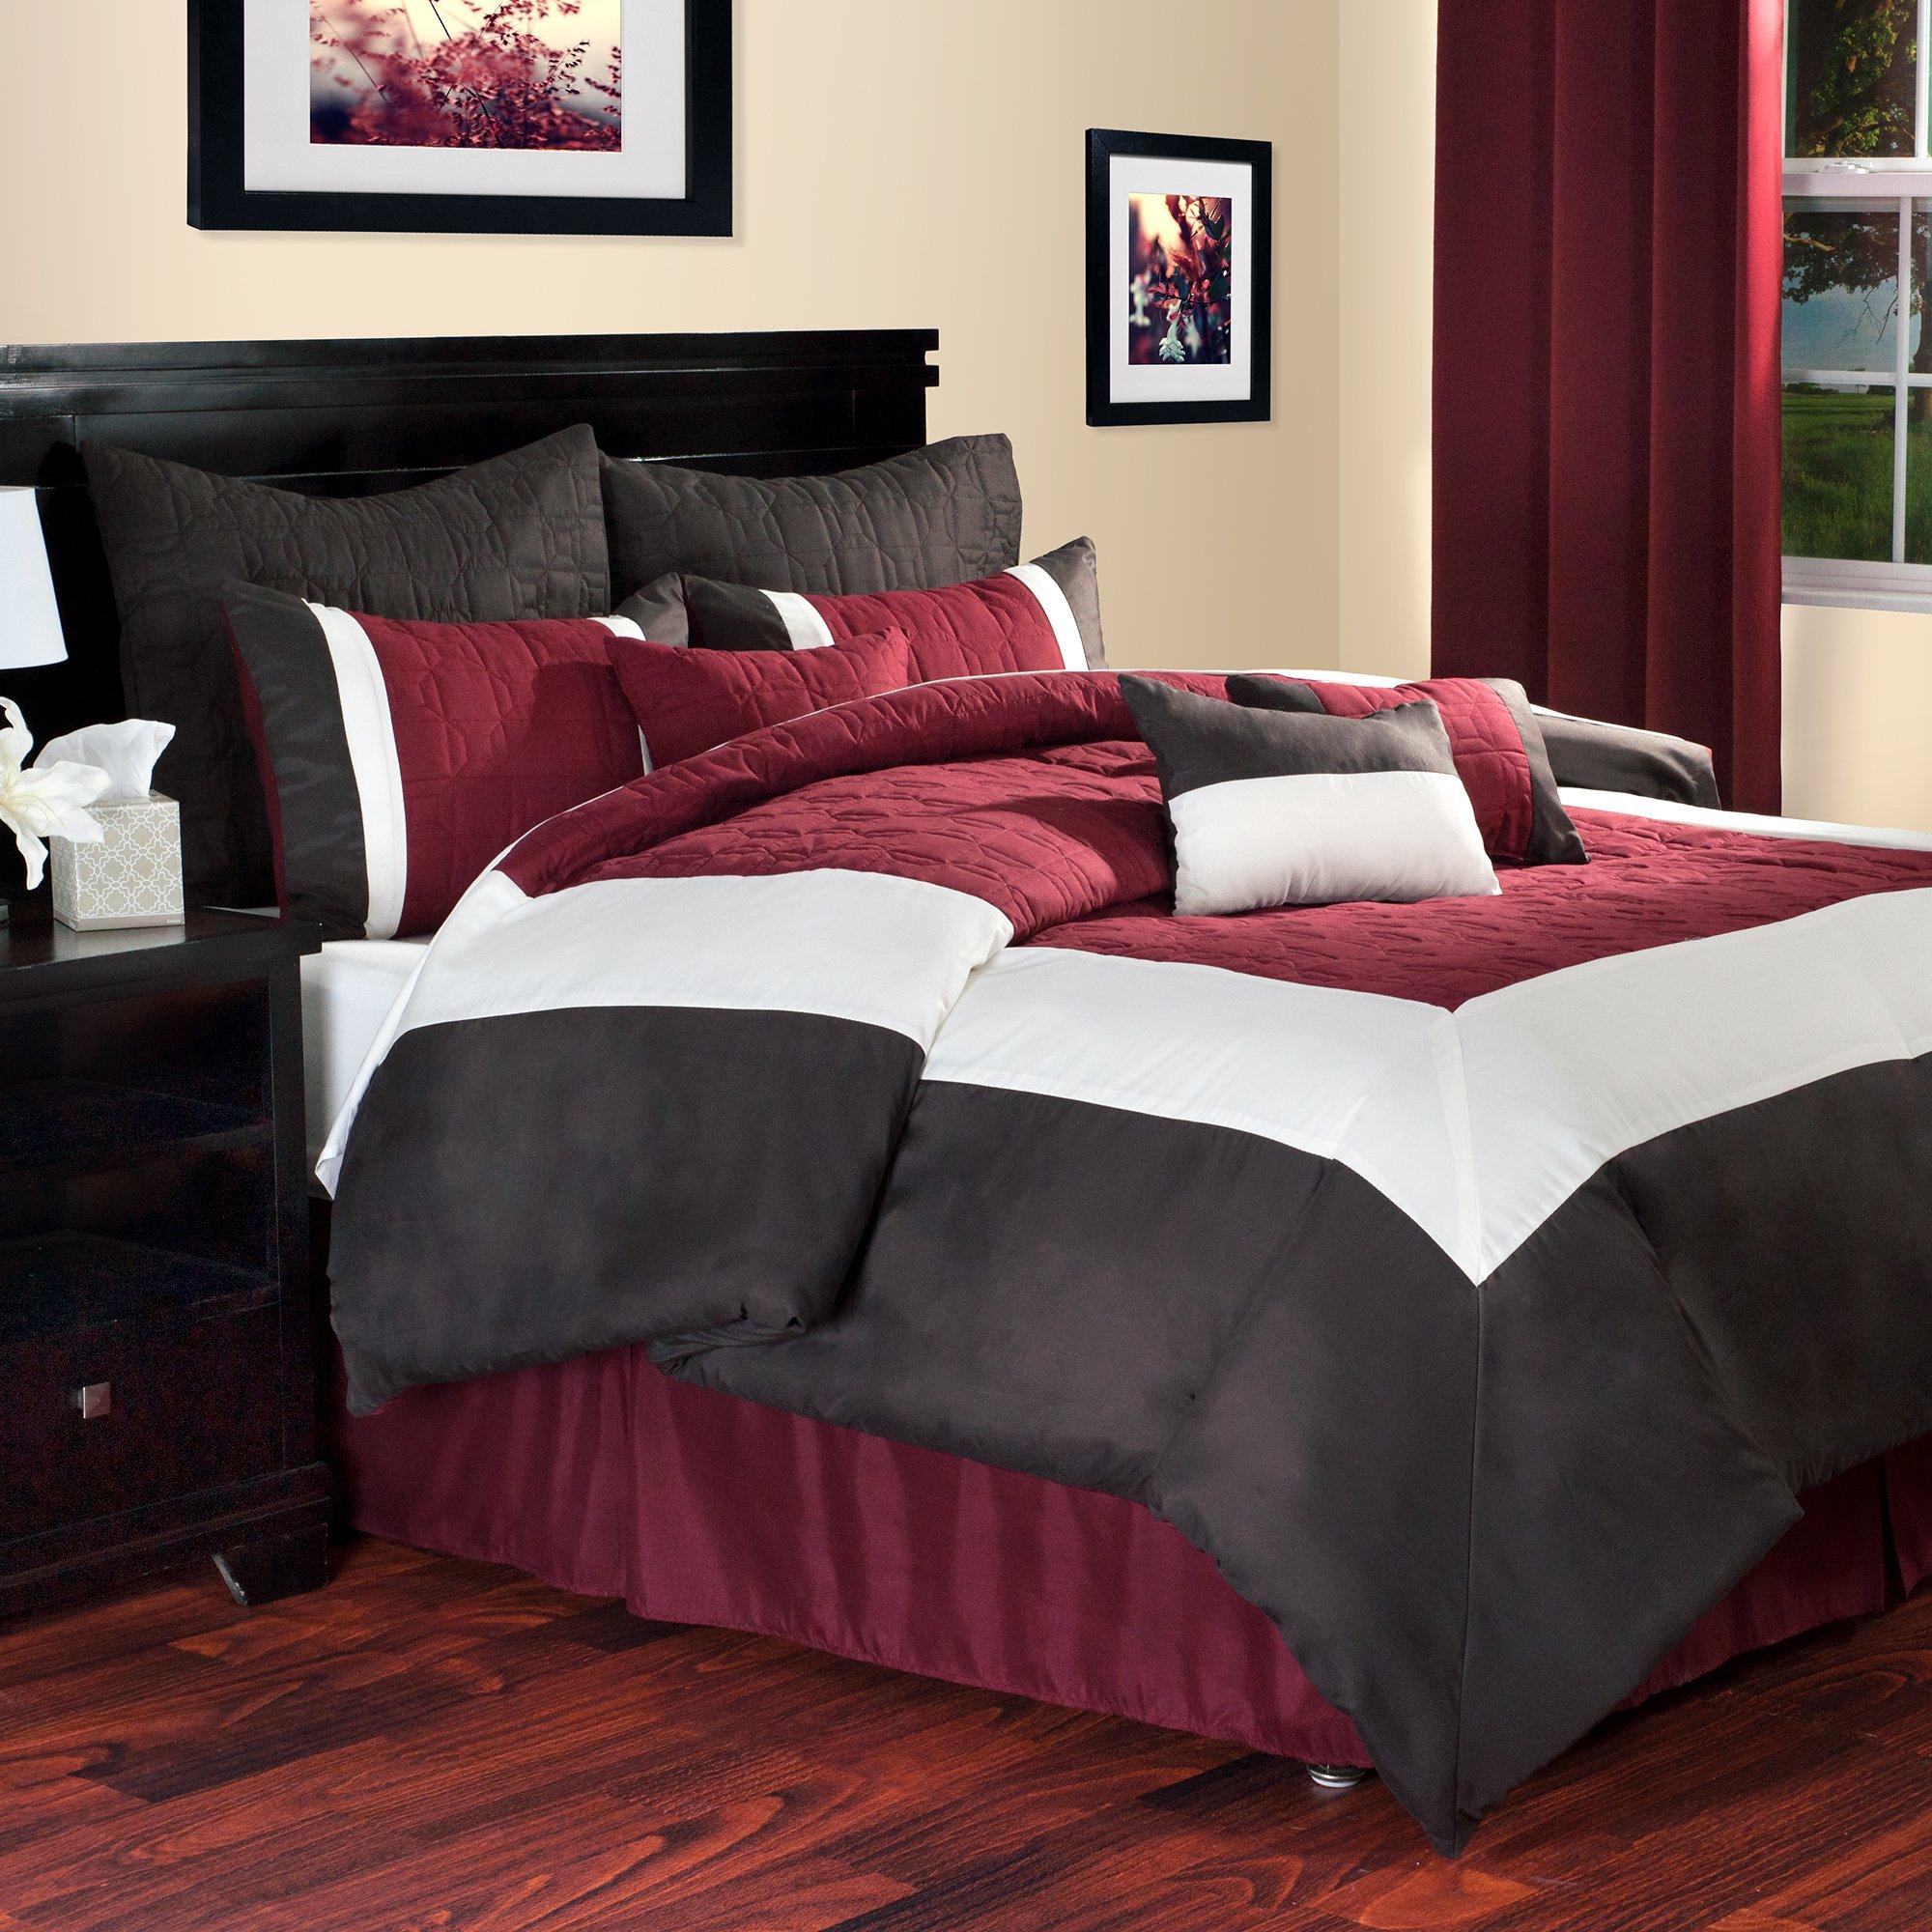 Lavish Home Hotel 9-Piece Comforter Set, Queen, Burgundy